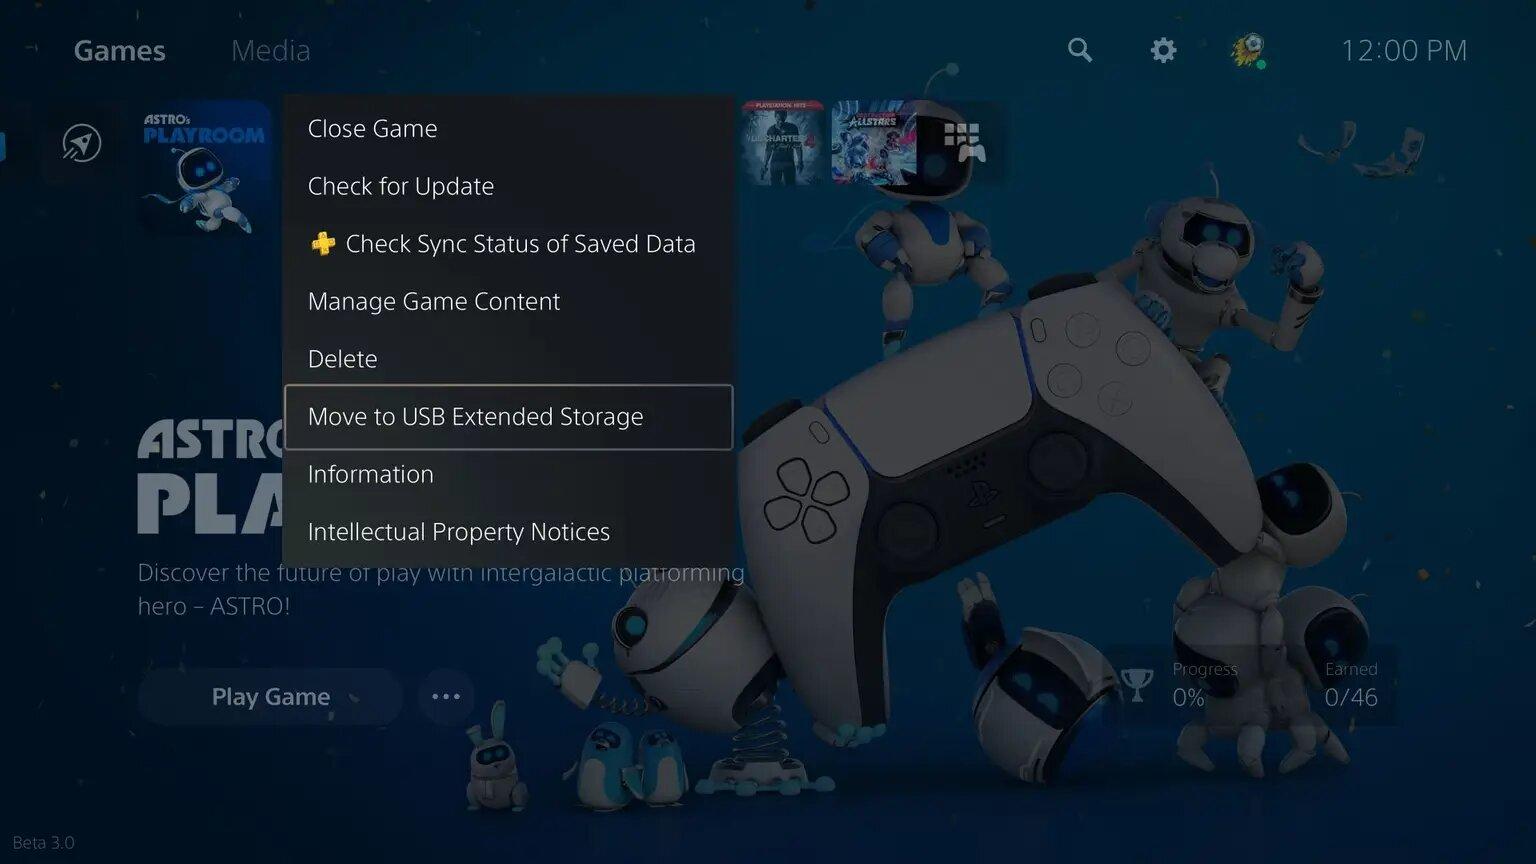 Choć kart rozszerzeń jeszcze na rynku nie ma, posiadacze PlayStation 5 będą z nowych rozwiązań zadowoleni (Źródło: PlayStation Blog)